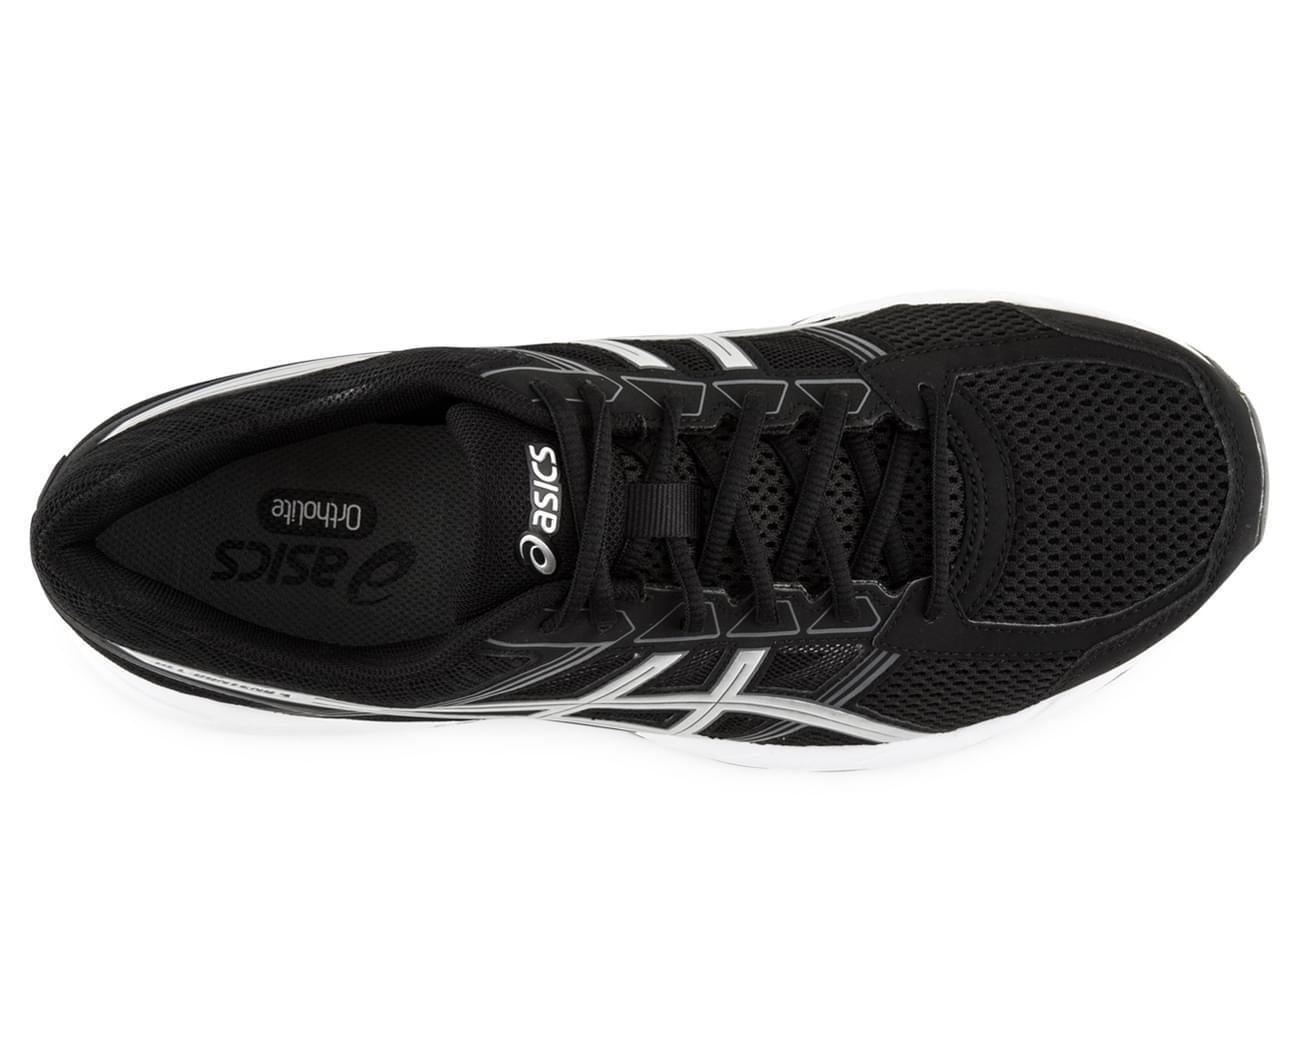 Asics Tallas De Zapatos Australianos 6vICf